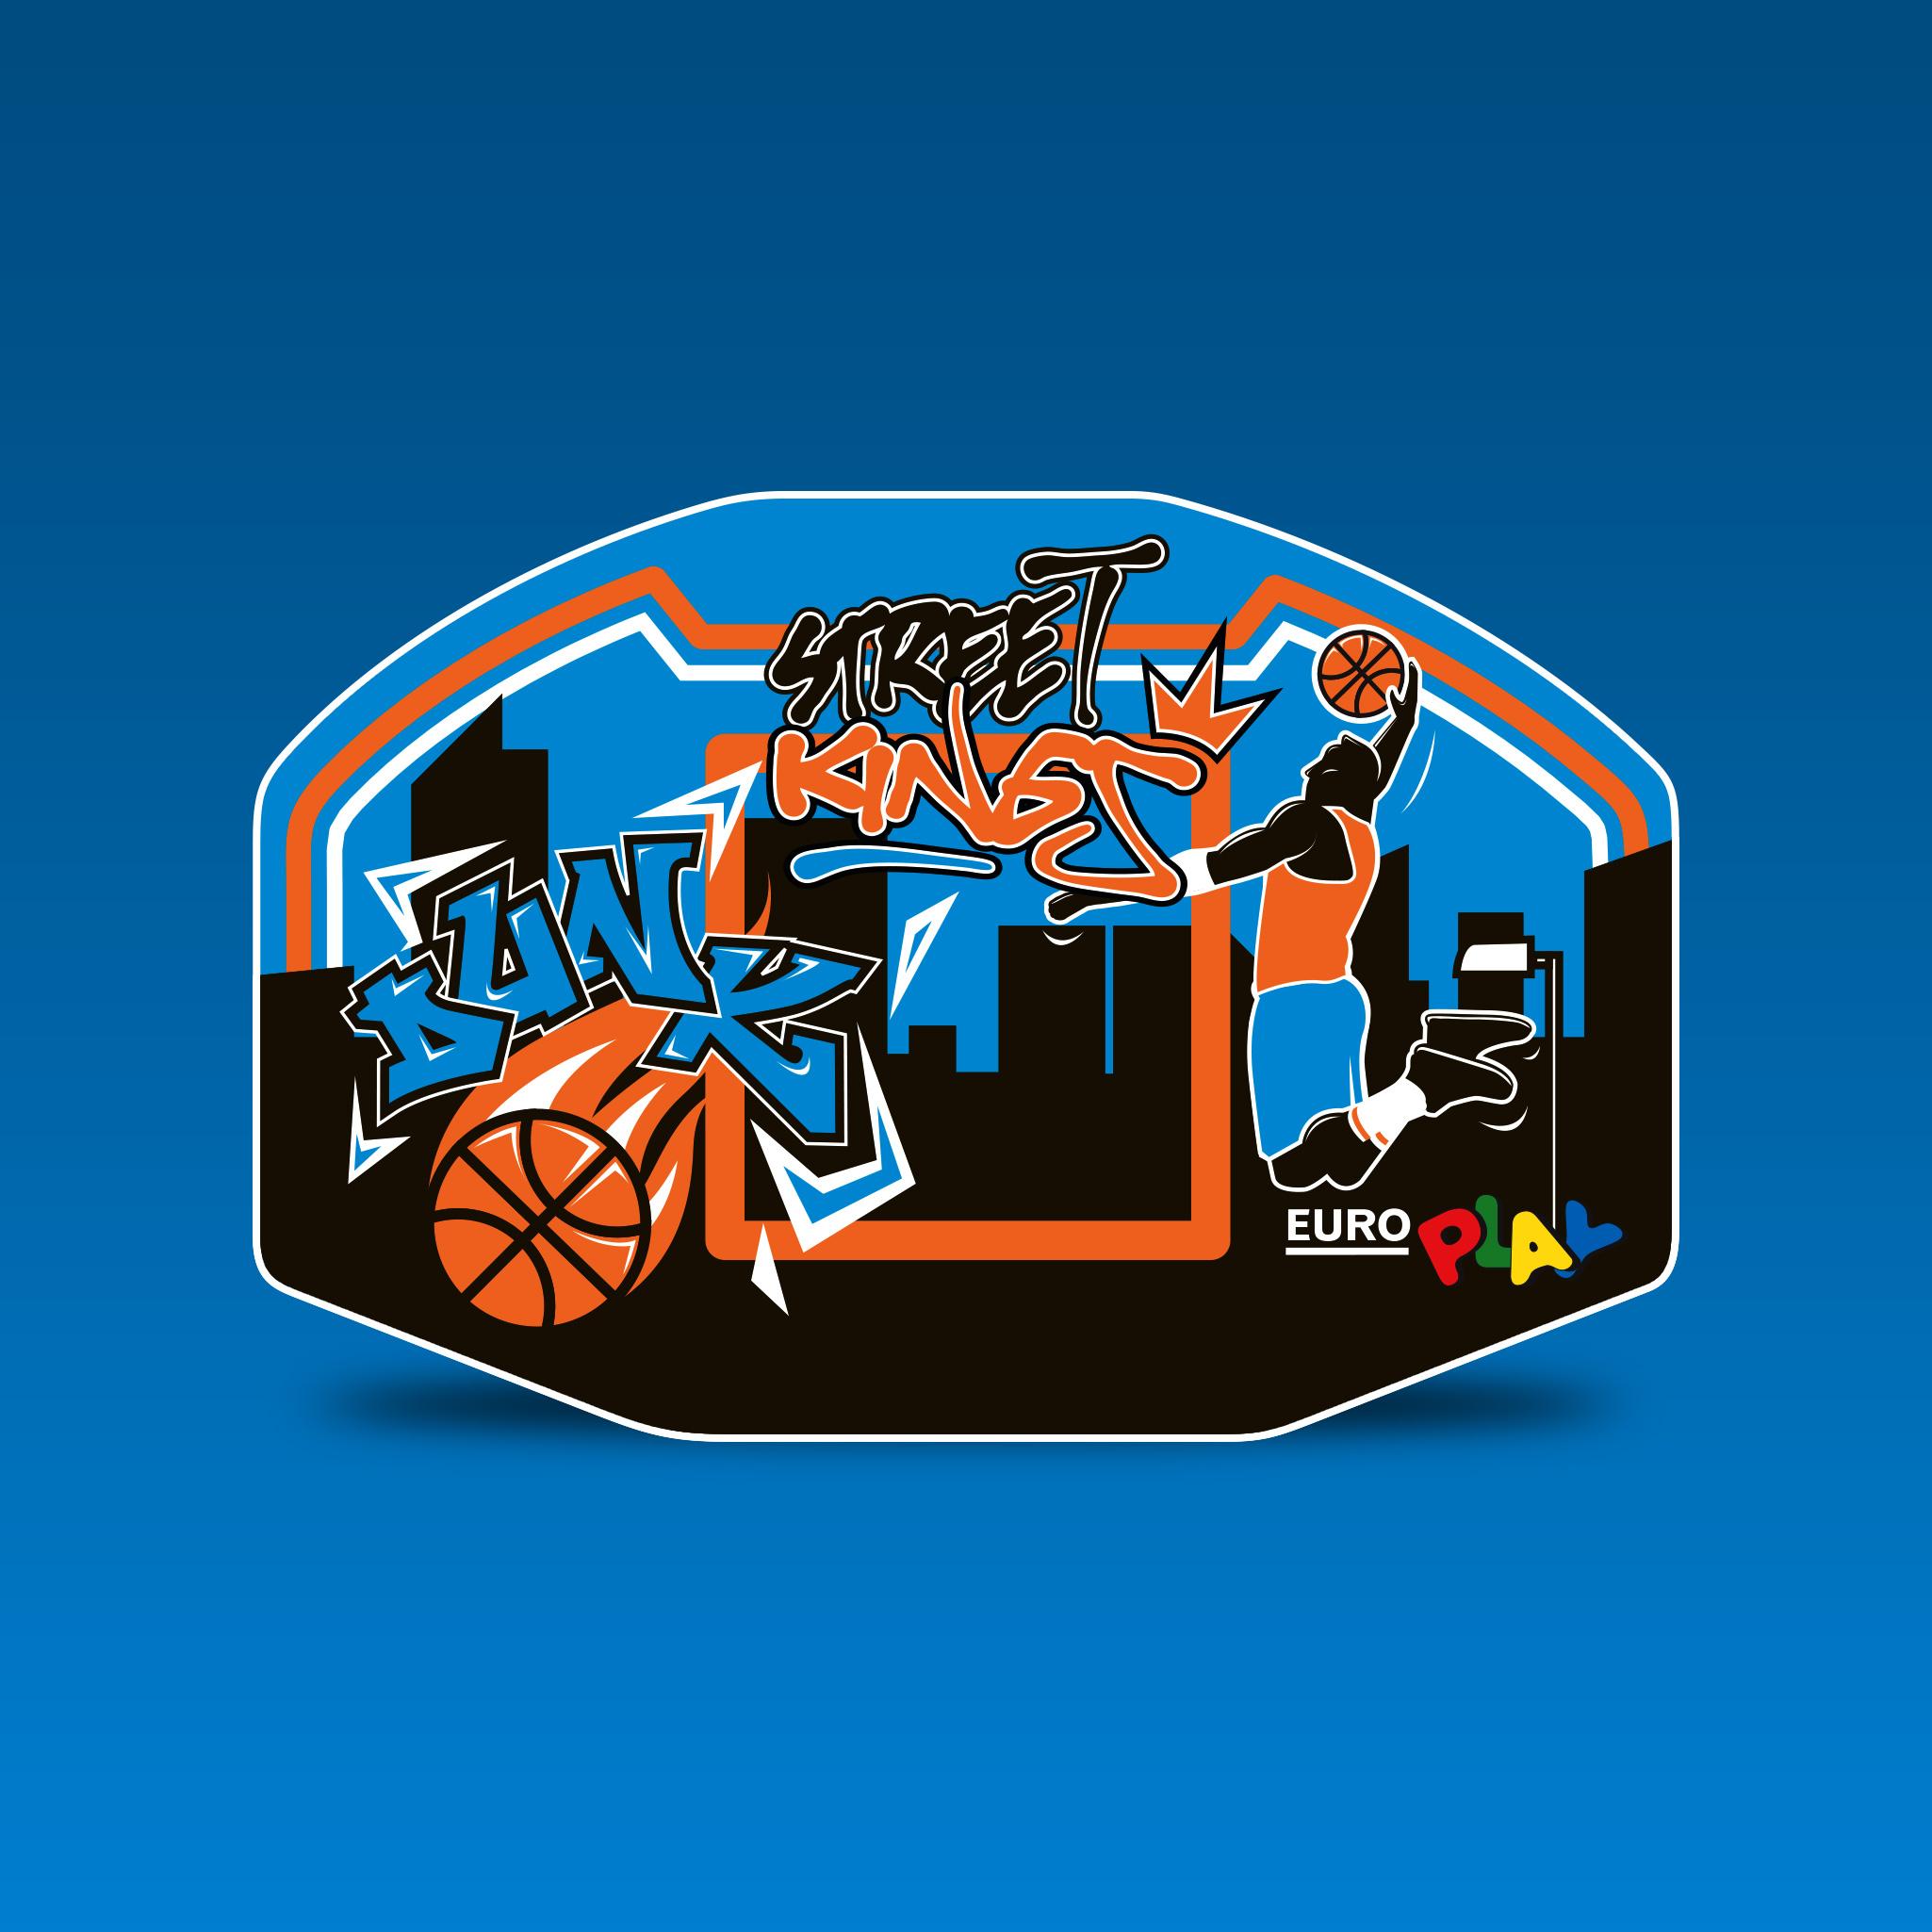 europlay_basket_01